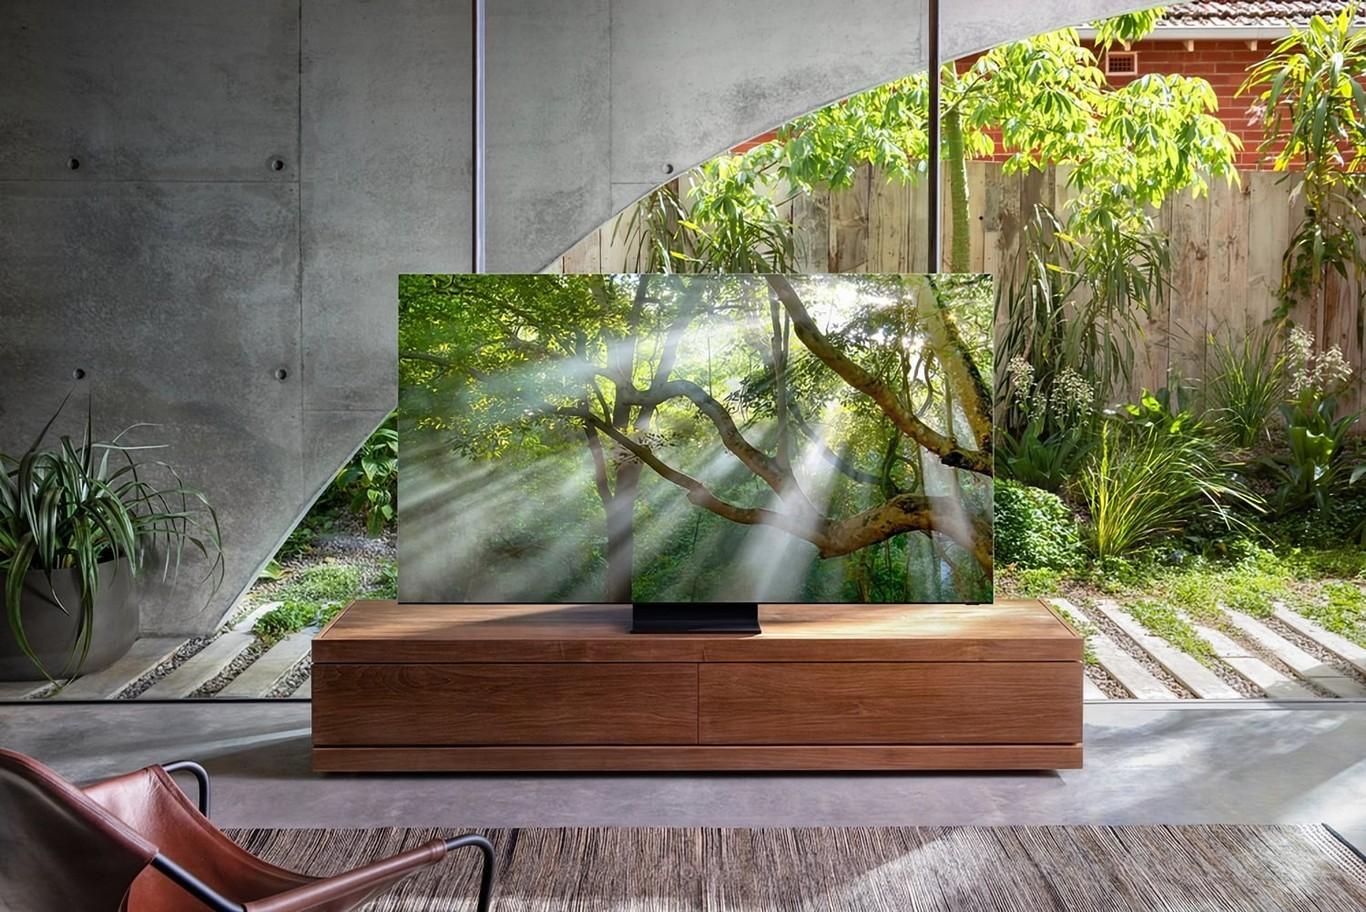 QLED 8K, impresionante innovación en imagen, sonido y diseño para disfrutar como nunca antes